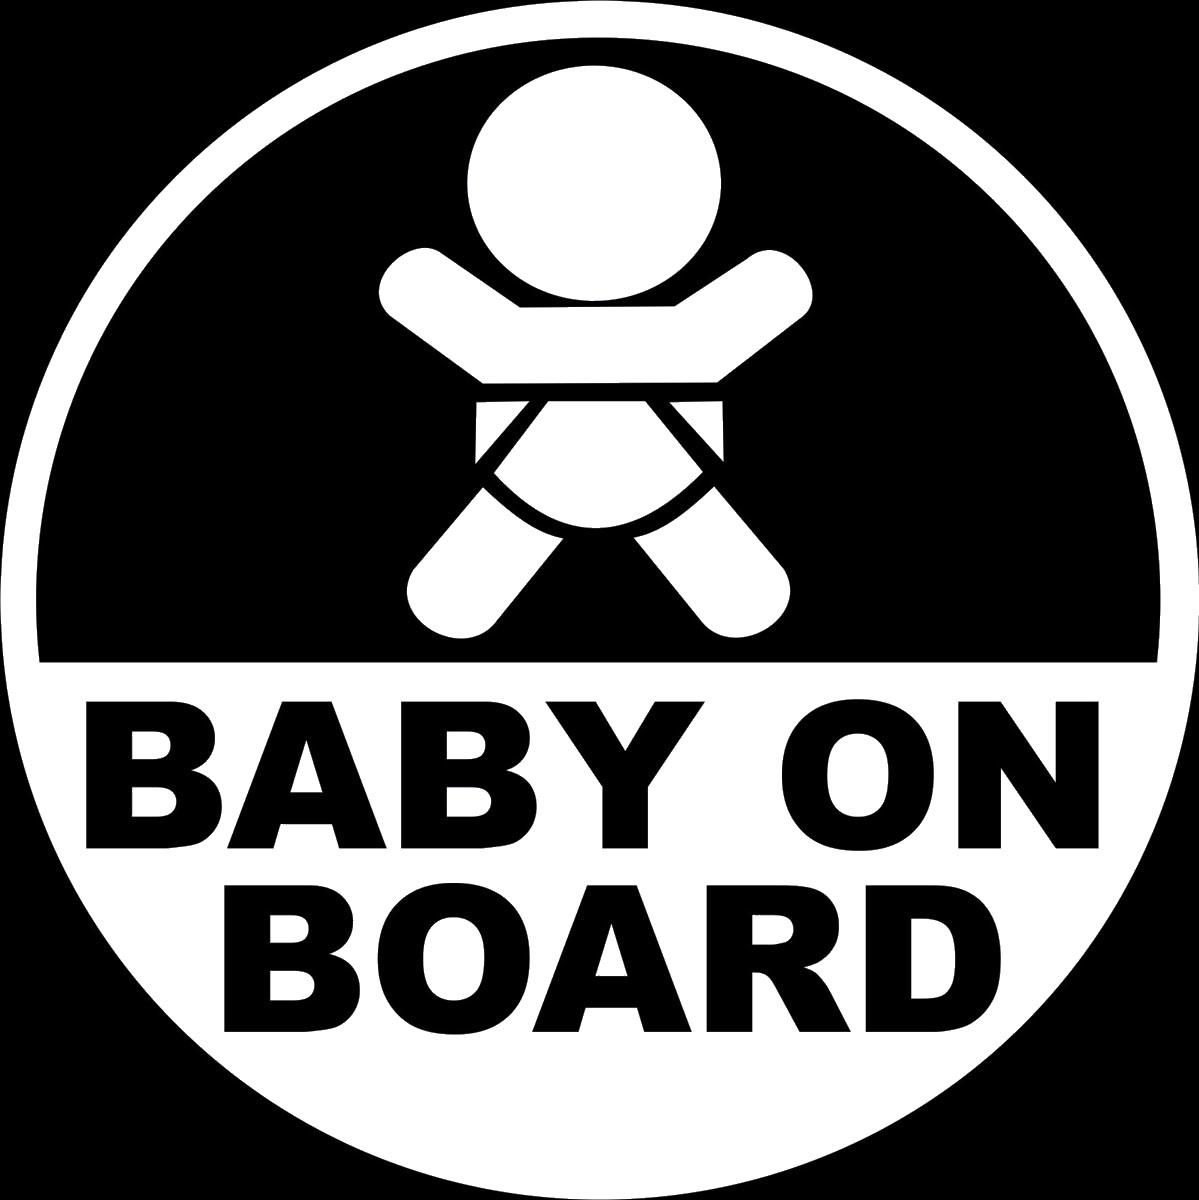 Наклейка автомобильная Оранжевый слоник Baby on Board. Круг, виниловая, цвет: белый98293777Оригинальная наклейка Оранжевый слоник Baby on Board. Круг изготовлена из долговечного винила, который выполняет не только декоративную функцию, но и защищает кузов от небольших механических повреждений, либо скрывает уже существующие.Виниловые наклейки на авто - это не только красиво, но еще и быстро! Всего за несколько минут вы можете полностью преобразить свой автомобиль, сделать его ярким, необычным, особенным и неповторимым!